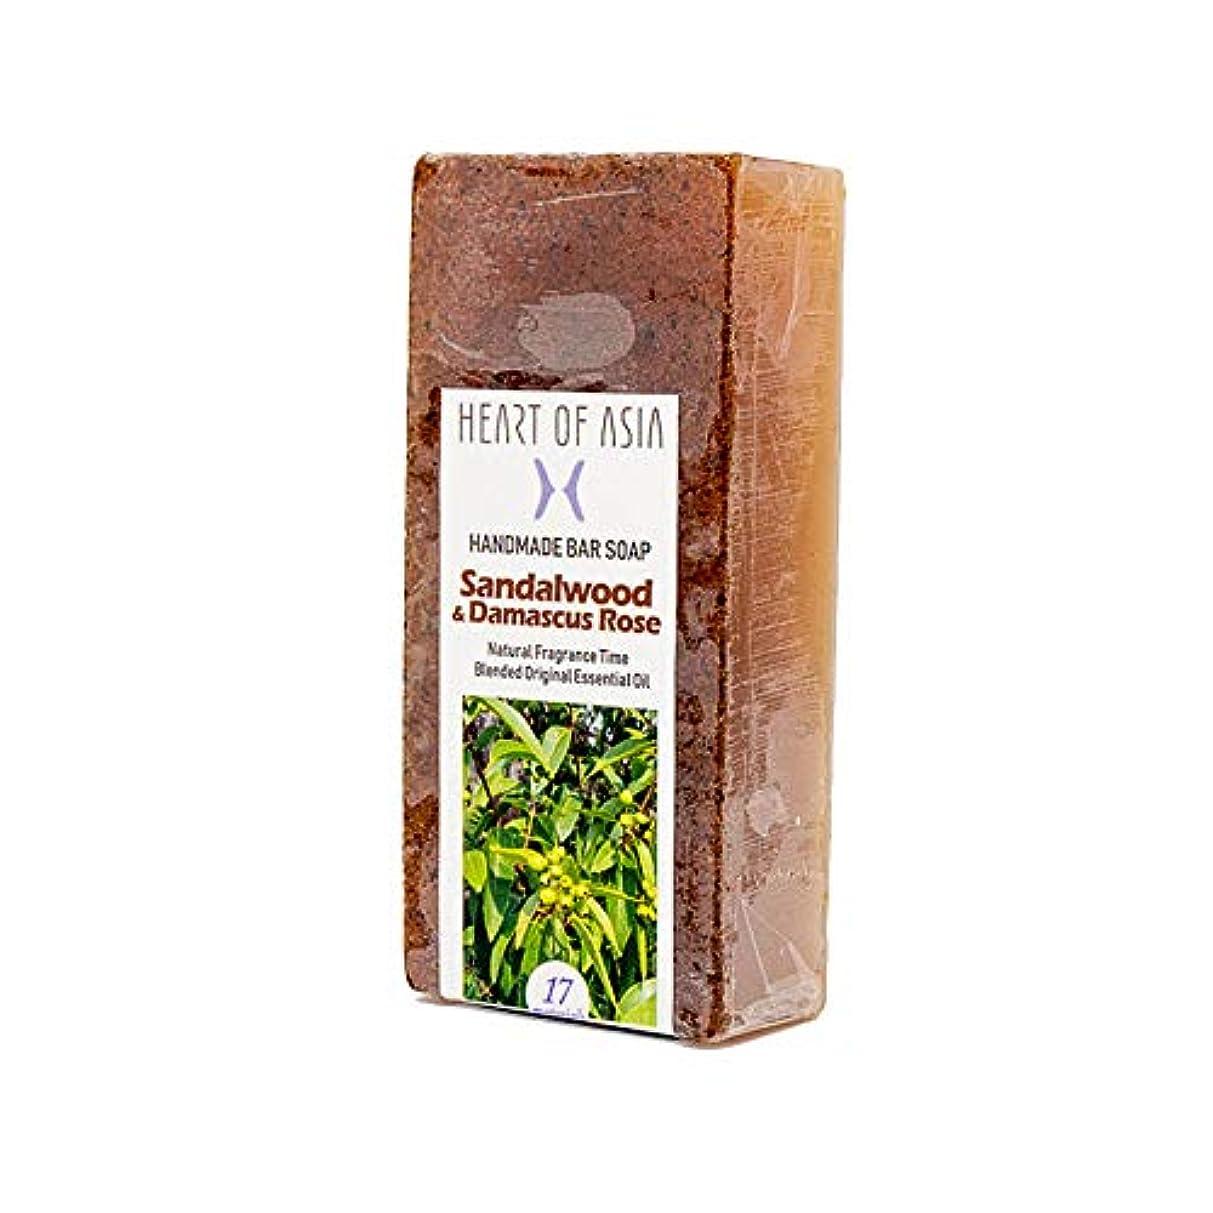 人里離れた悲惨焼く香水のようなフレグランス石けん HANDMADE BAR SOAP ~Sandalwood&Damascus Rose~ (単品)